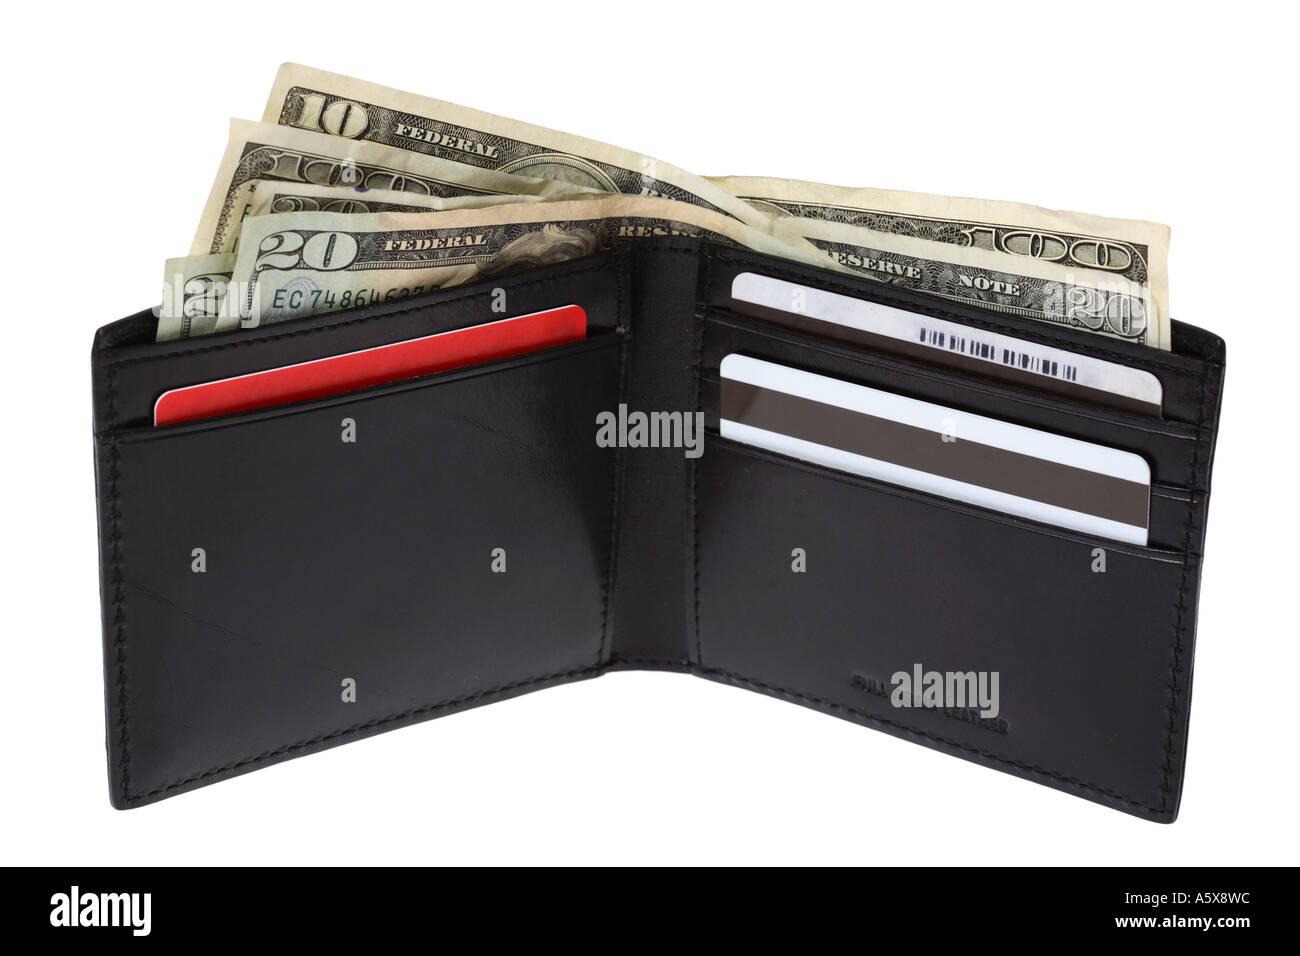 Ziemlich Brieftasche Kartenvorlage Bilder - Entry Level Resume ...